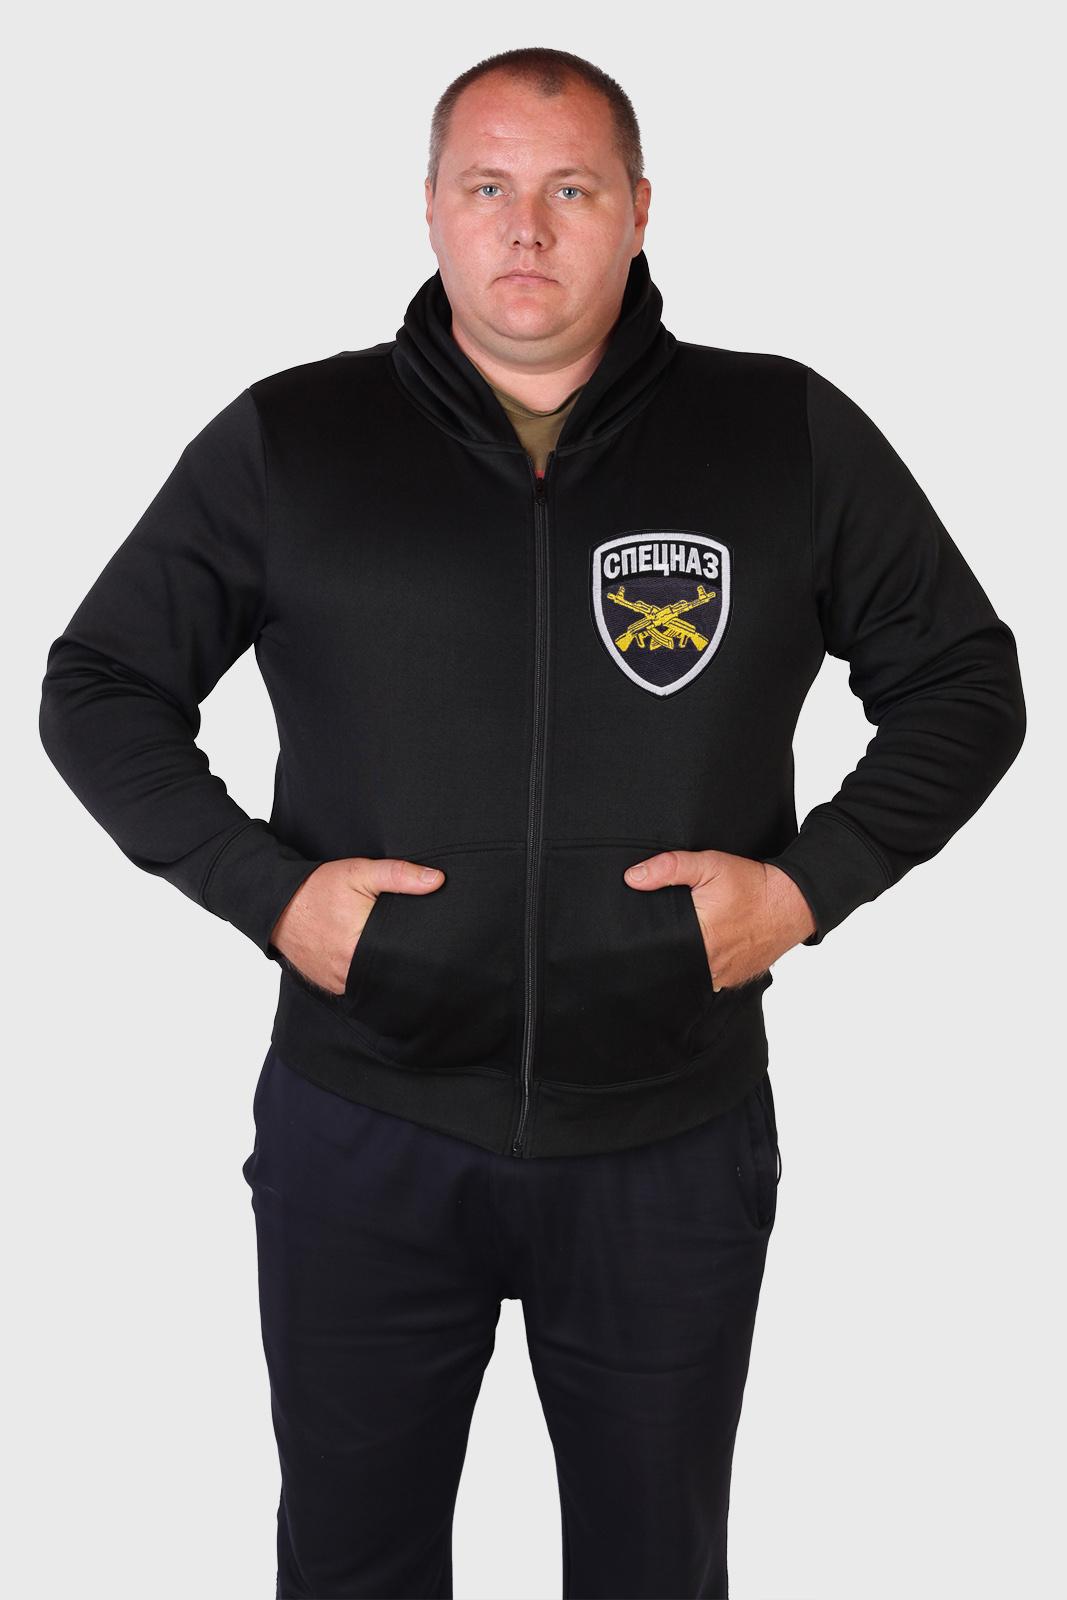 Мужская толстовка с шевроном Спецназ